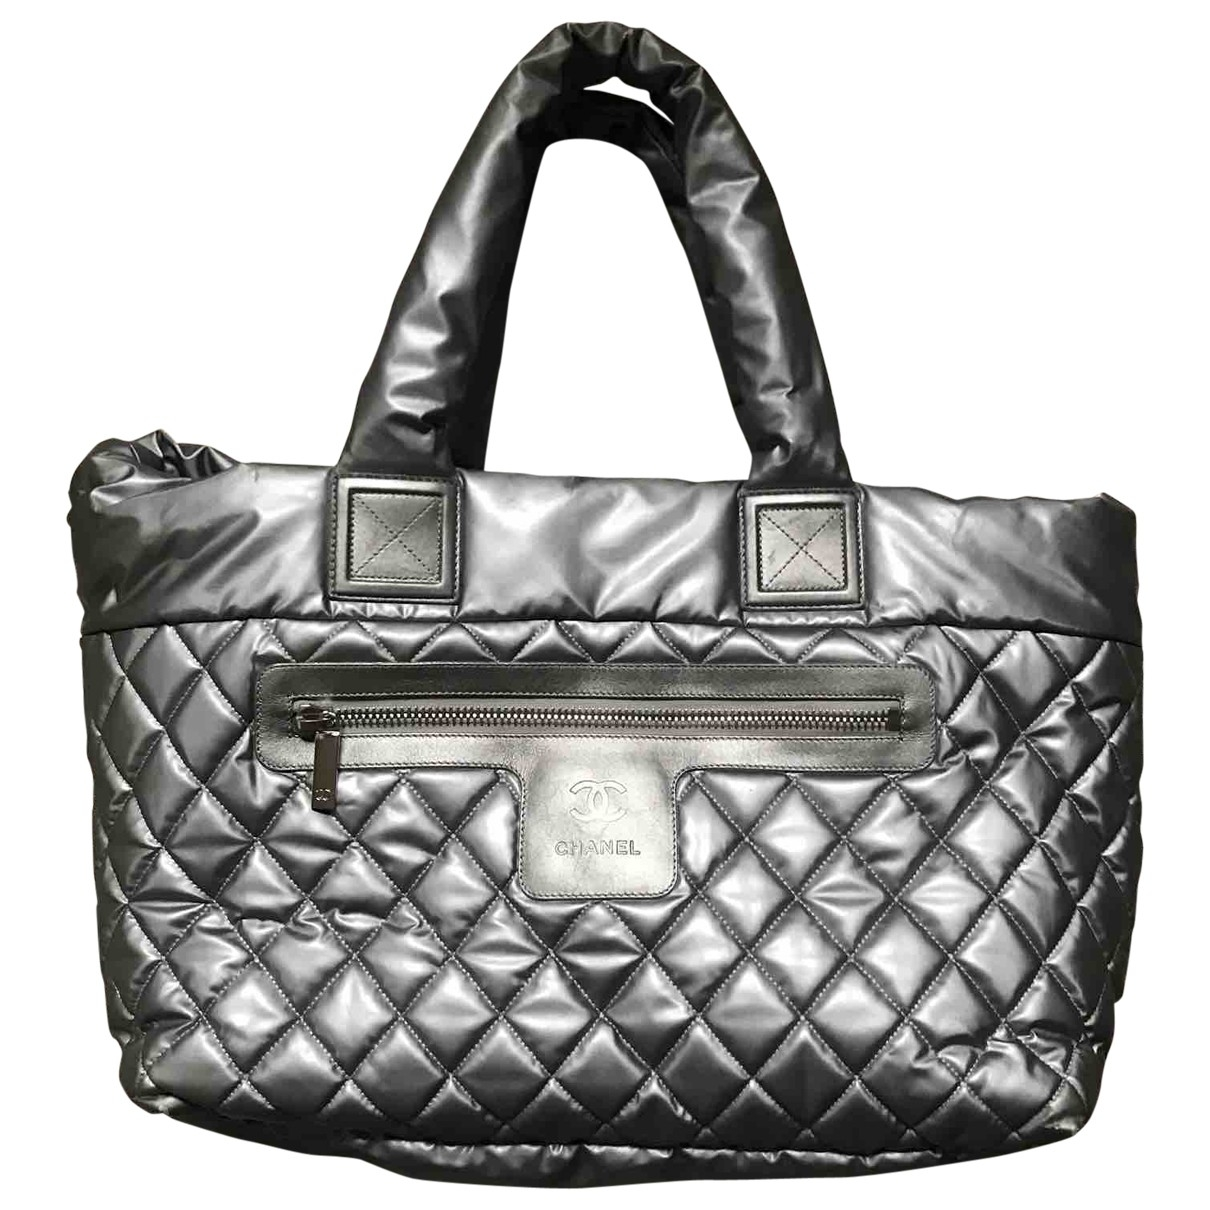 Chanel - Sac a main Coco Cocoon pour femme en cuir - argente